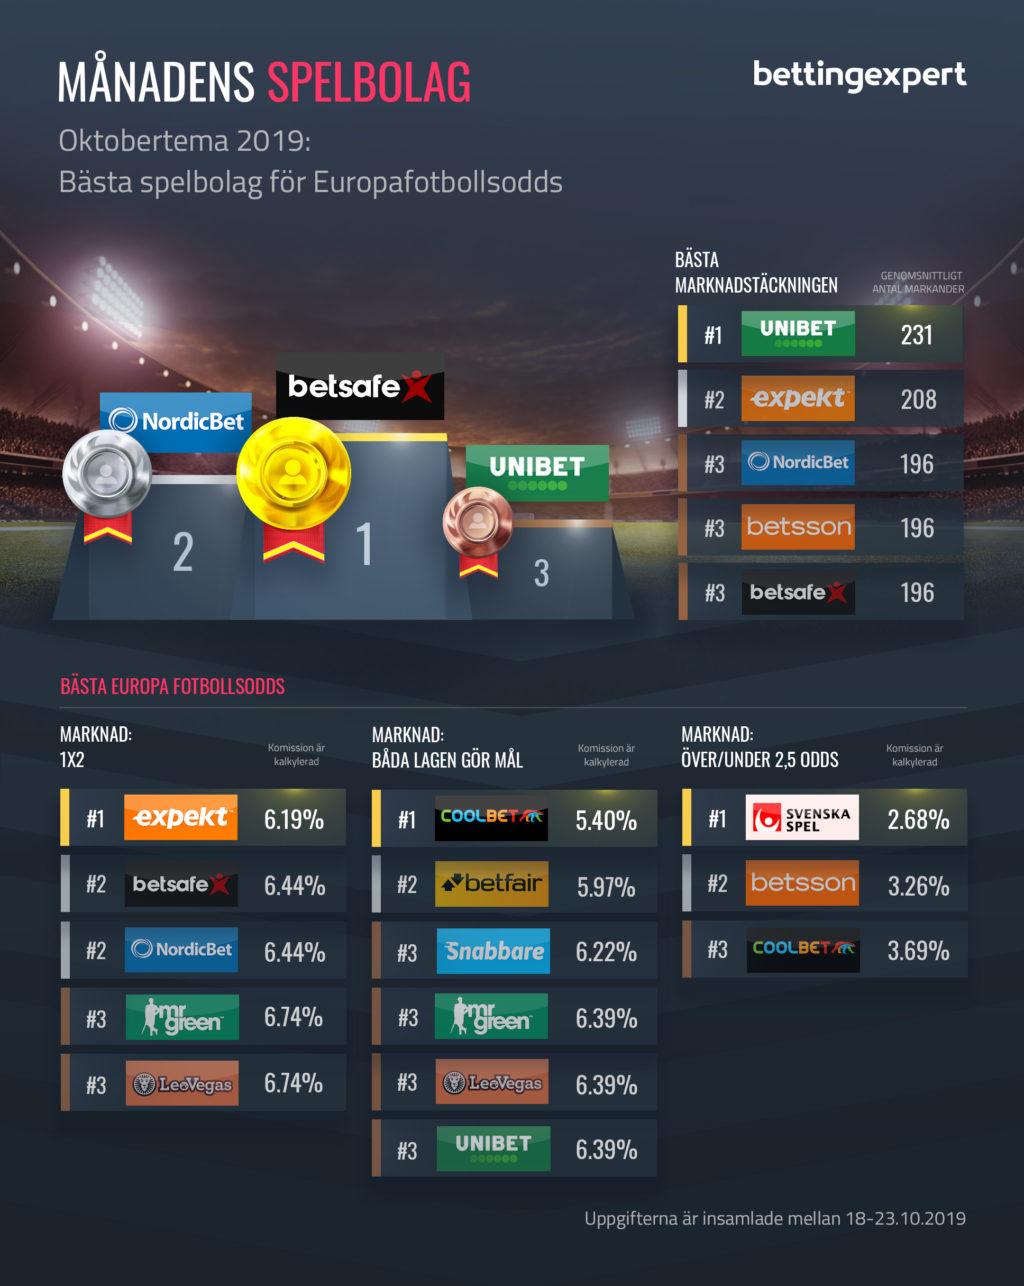 Bästa spelbolag för Europafotbollsodds